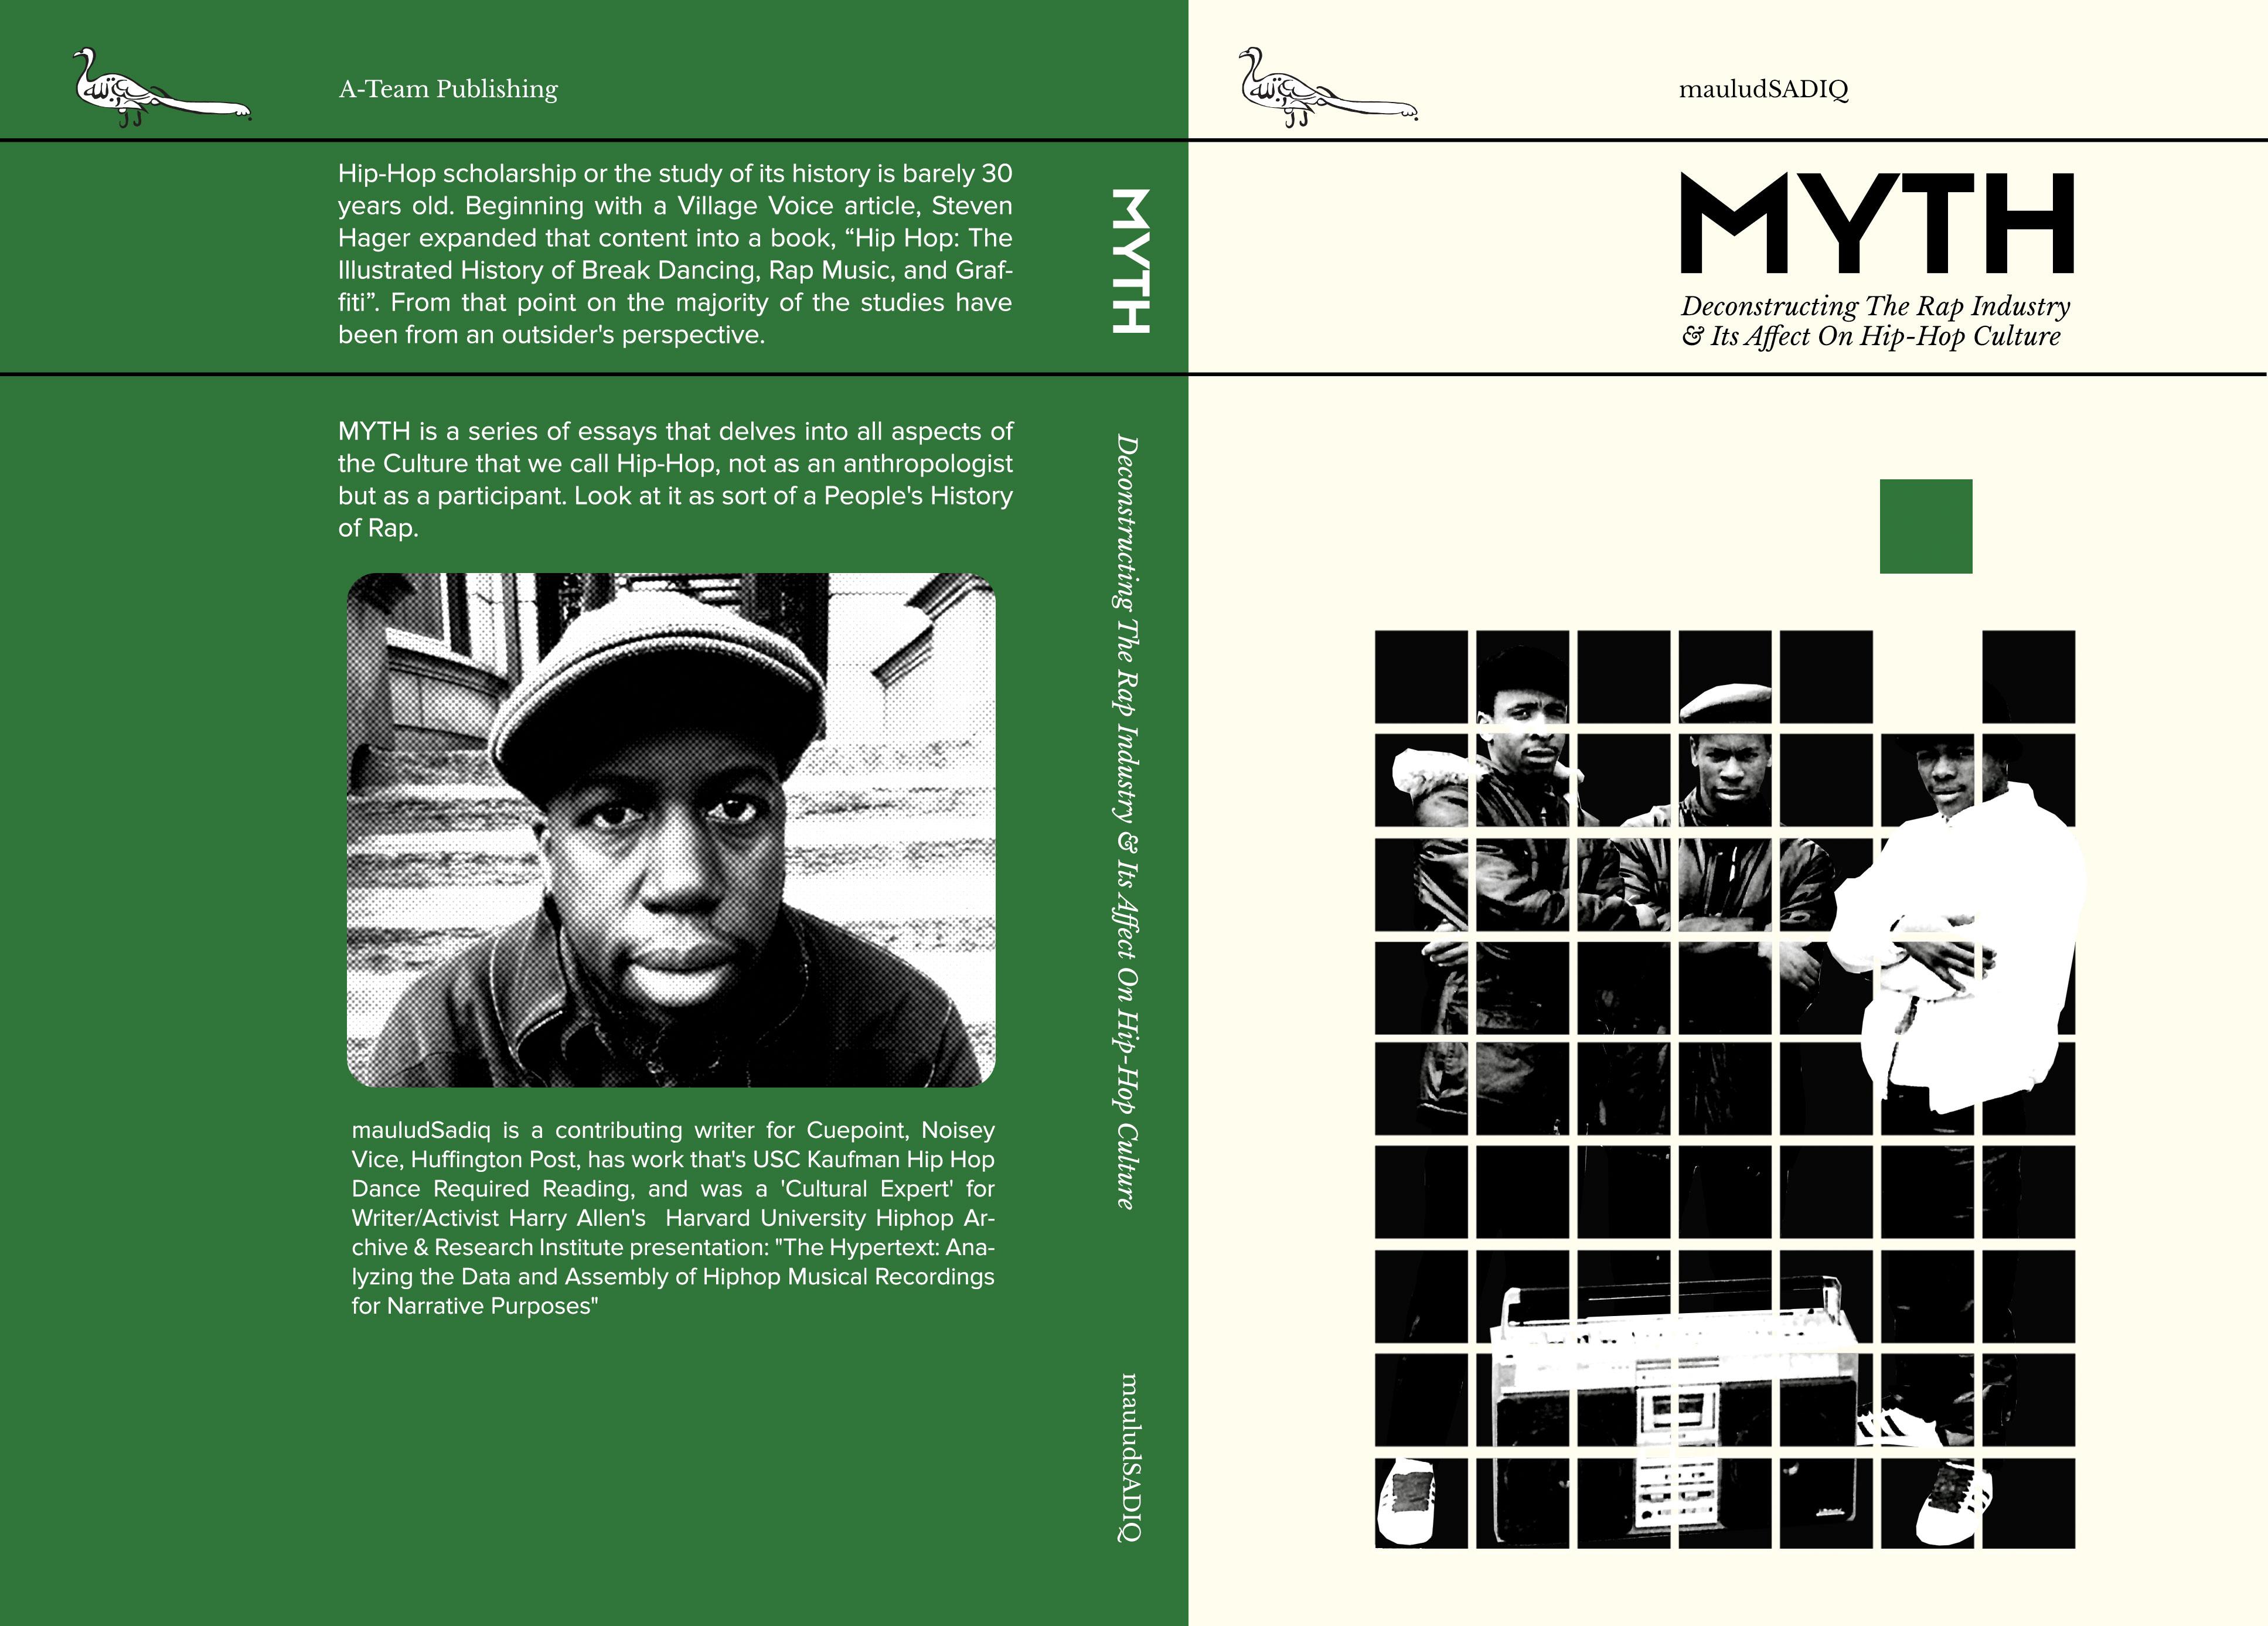 MYTH book cover design